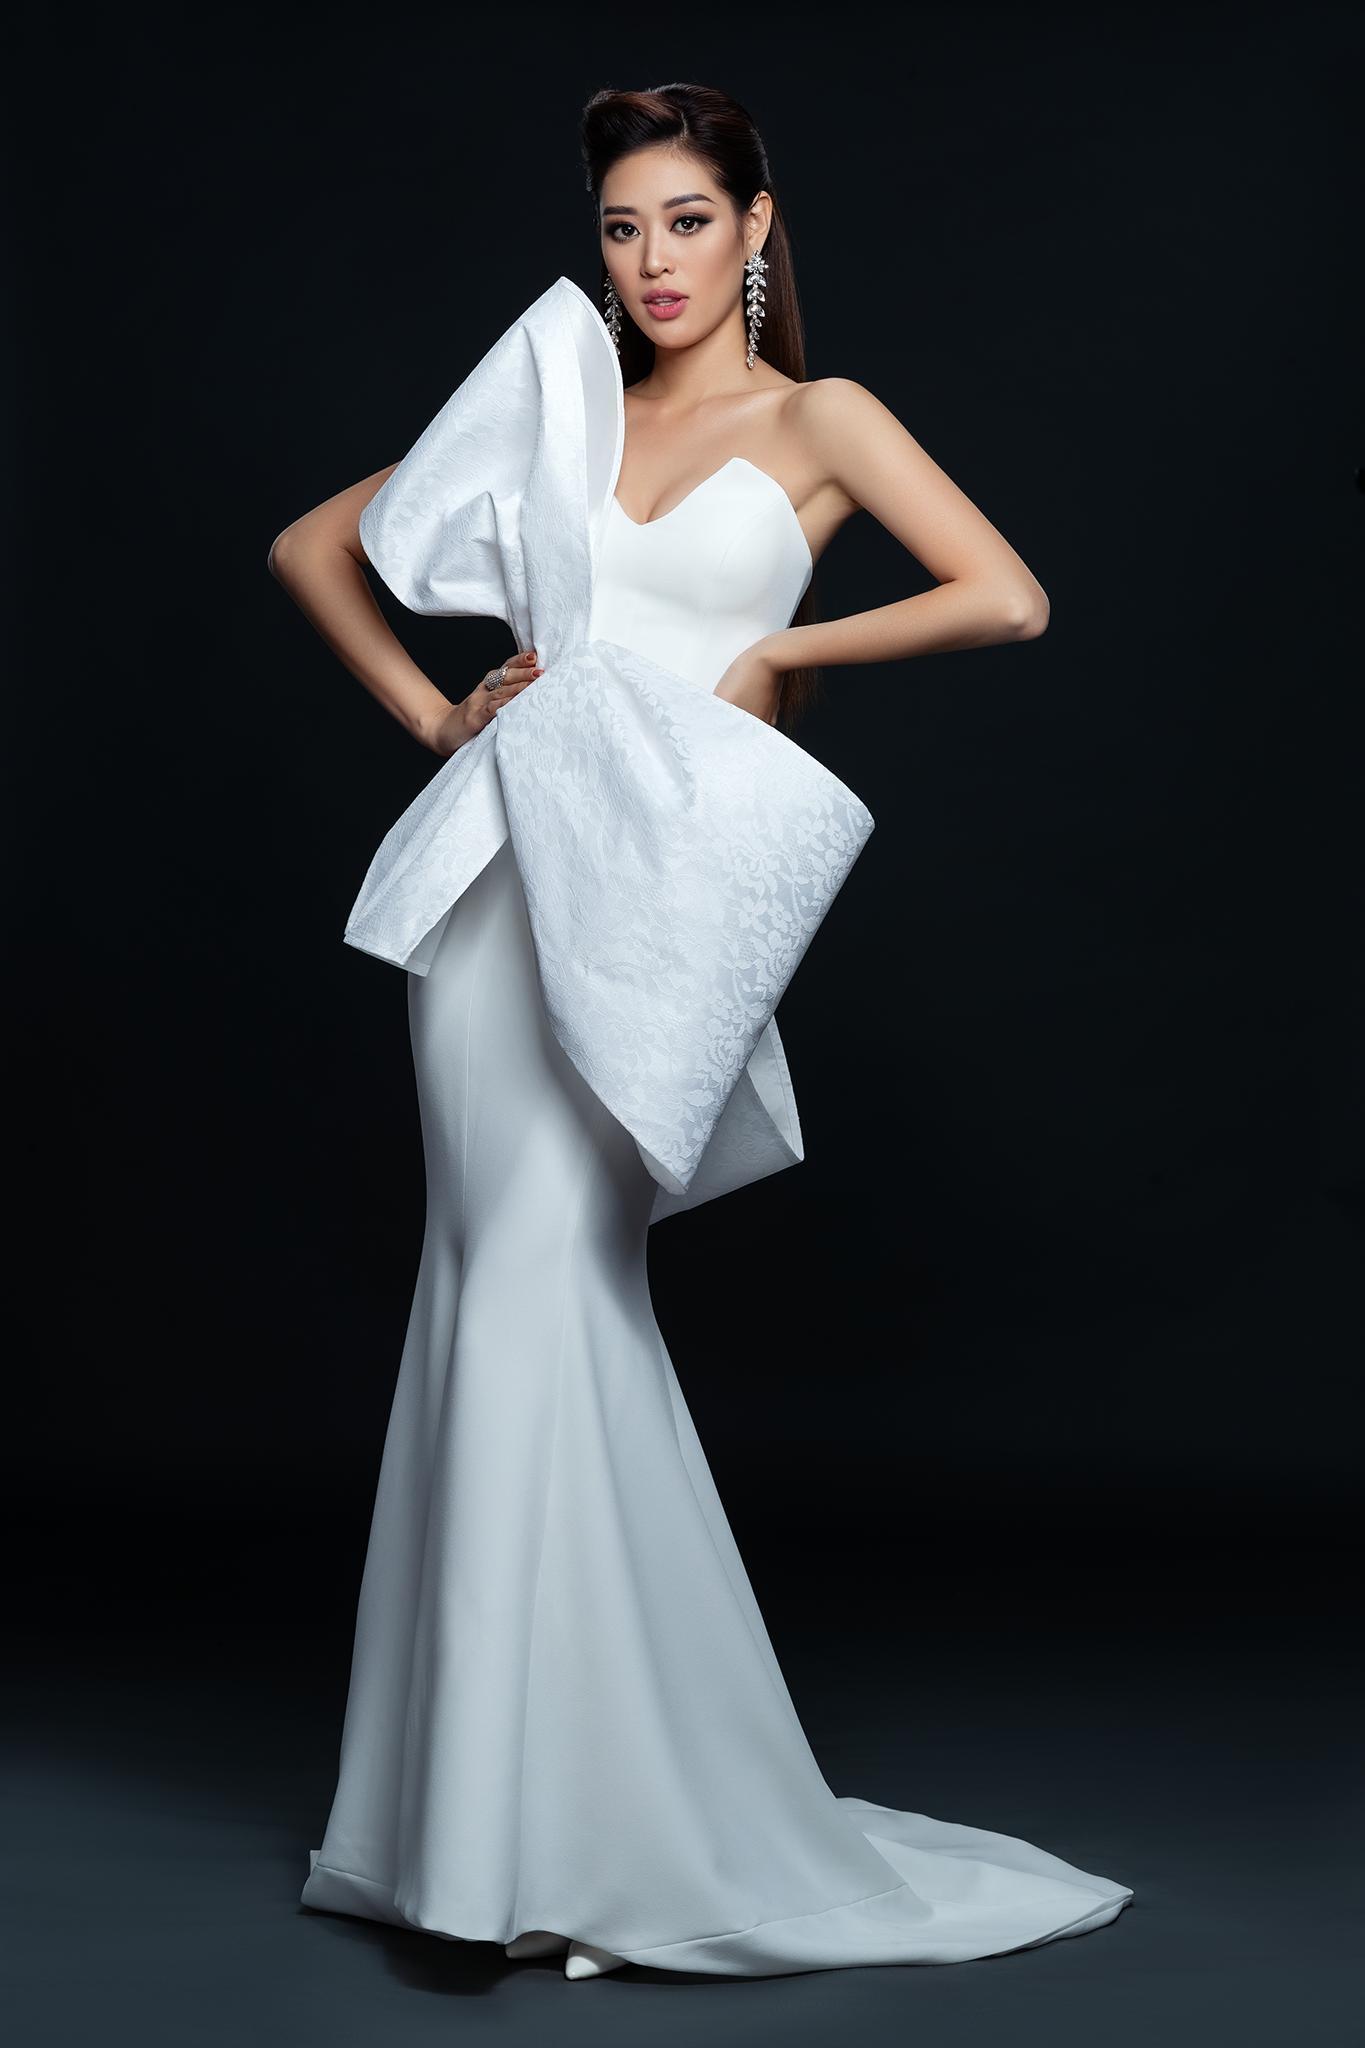 Hoa hậu Khánh Vân khoe vai trần gợi cảm sau 2 tháng đăng quang Ảnh 2